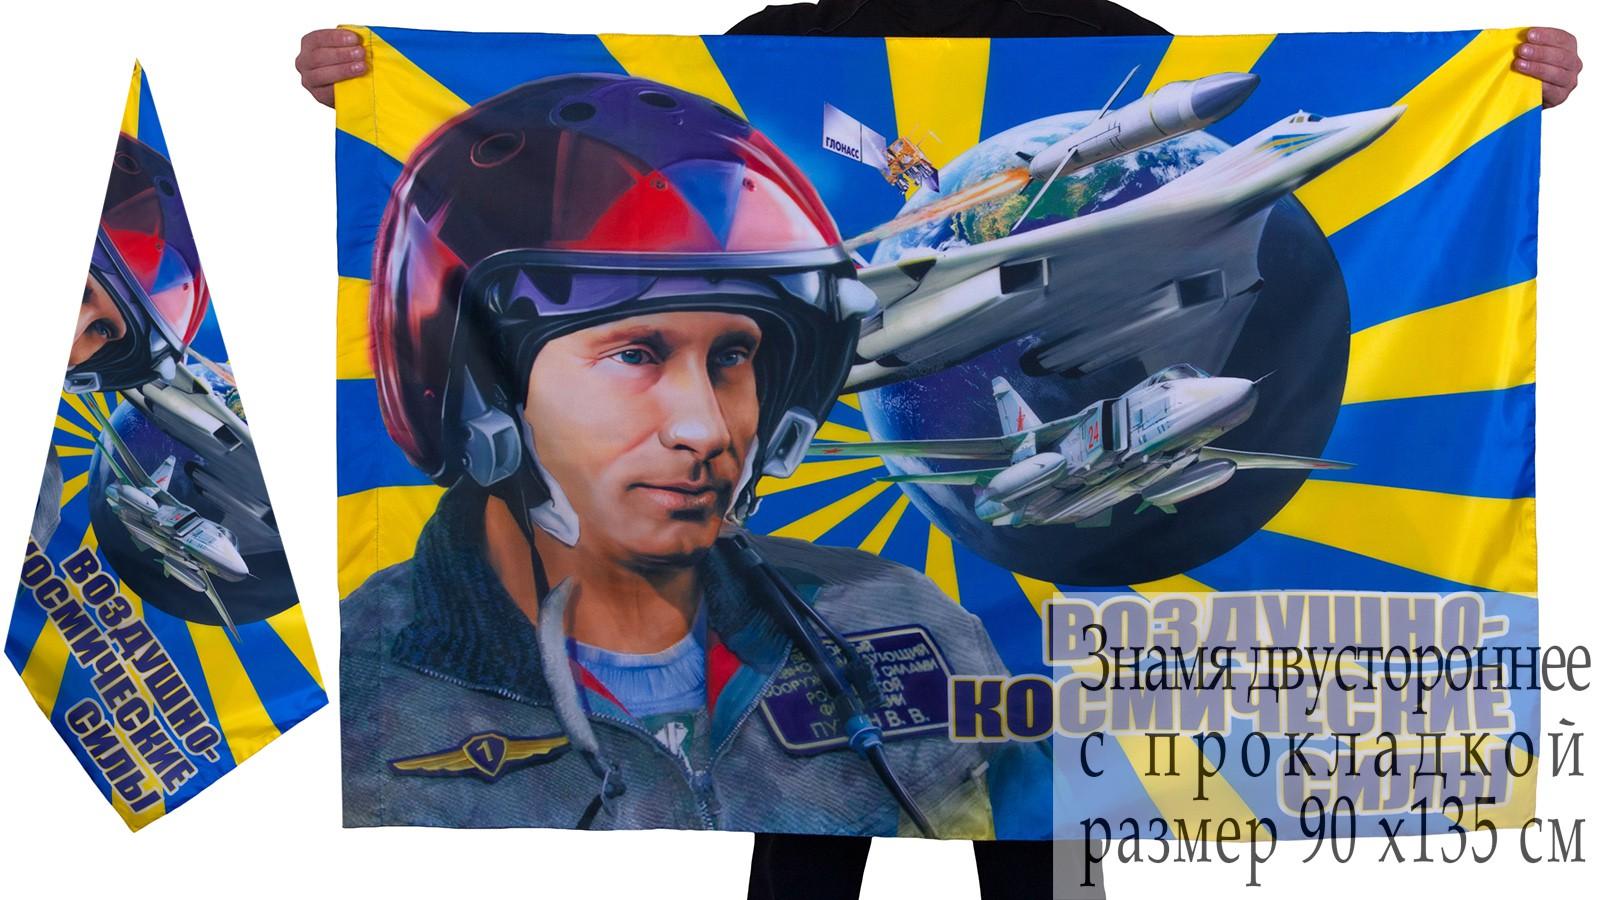 Флаг «Воздушно-космические силы» с Путиным